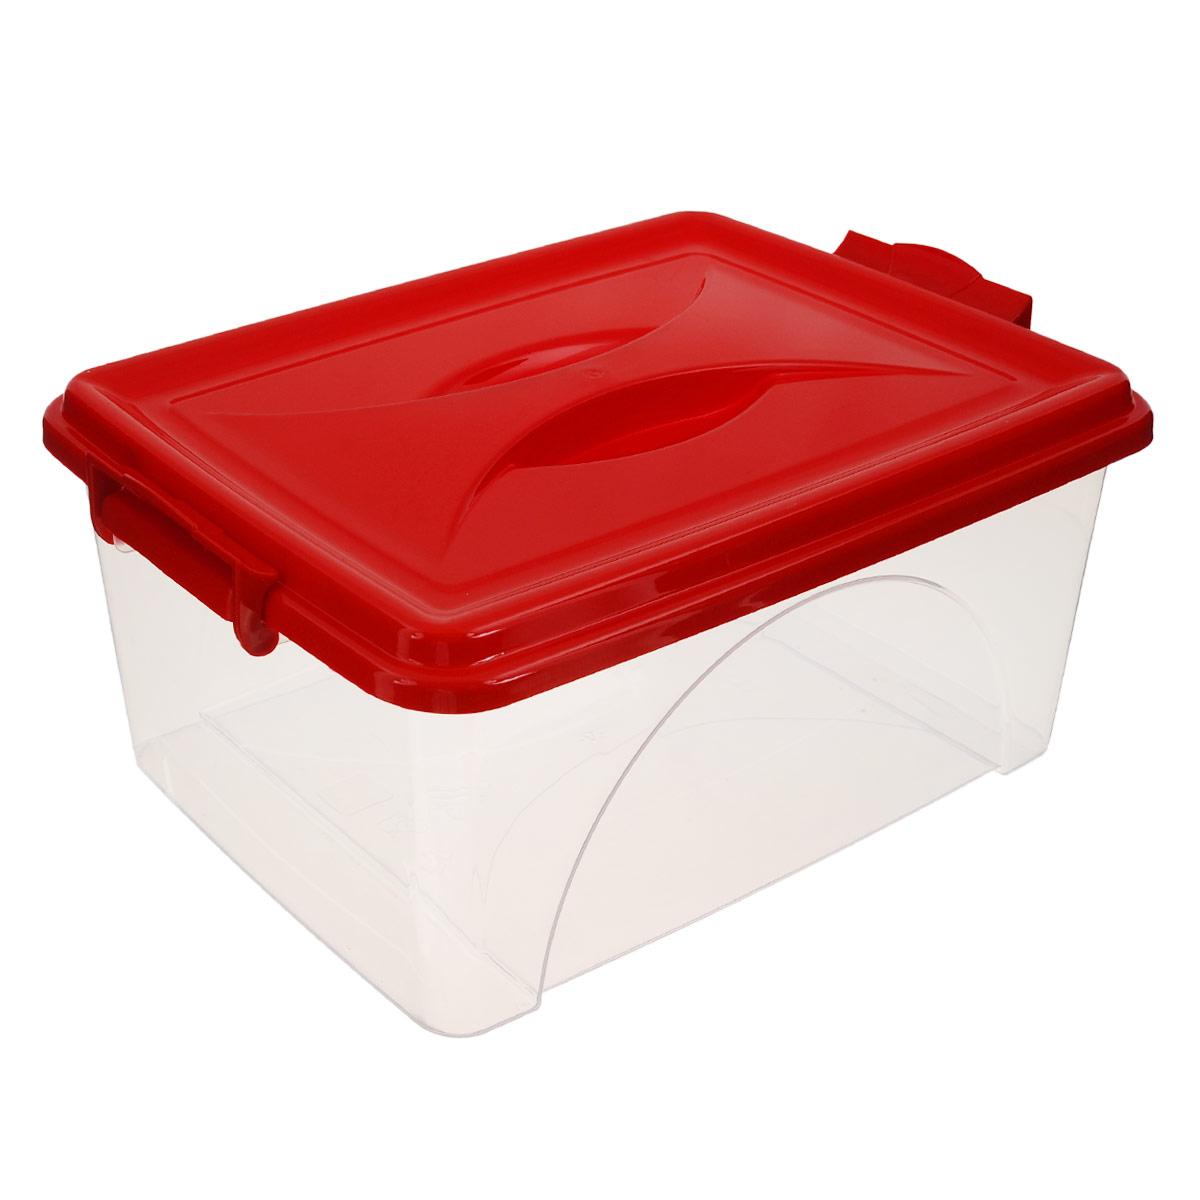 Контейнер Альтернатива, цвет: красный, 11,5 лМ425Контейнер Альтернатива выполнен из прочного пластика. Он предназначен для хранения различных мелких вещей. Крышка легко открывается и плотно закрывается. Прозрачные стенки позволяют видеть содержимое. По бокам предусмотрены две удобные ручки, с помощью которых контейнер закрывается. Контейнер поможет хранить все в одном месте, а также защитить вещи от пыли, грязи и влаги.